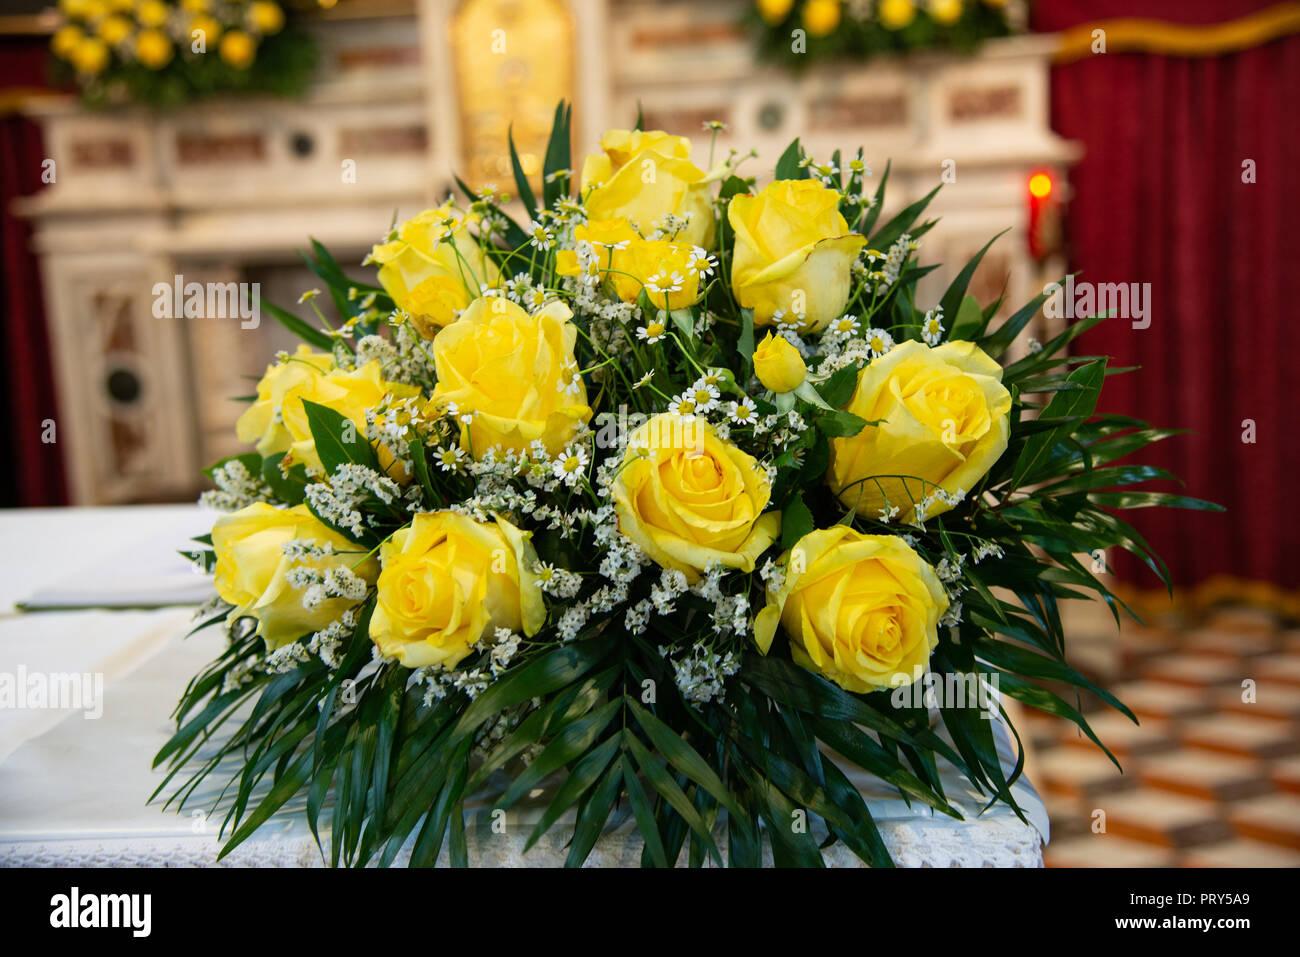 Fiori Gialli Per Matrimonio.Mazzo Di Rose Giallo Fiori E Gypsophila Il Fiore Nella Nebbia O